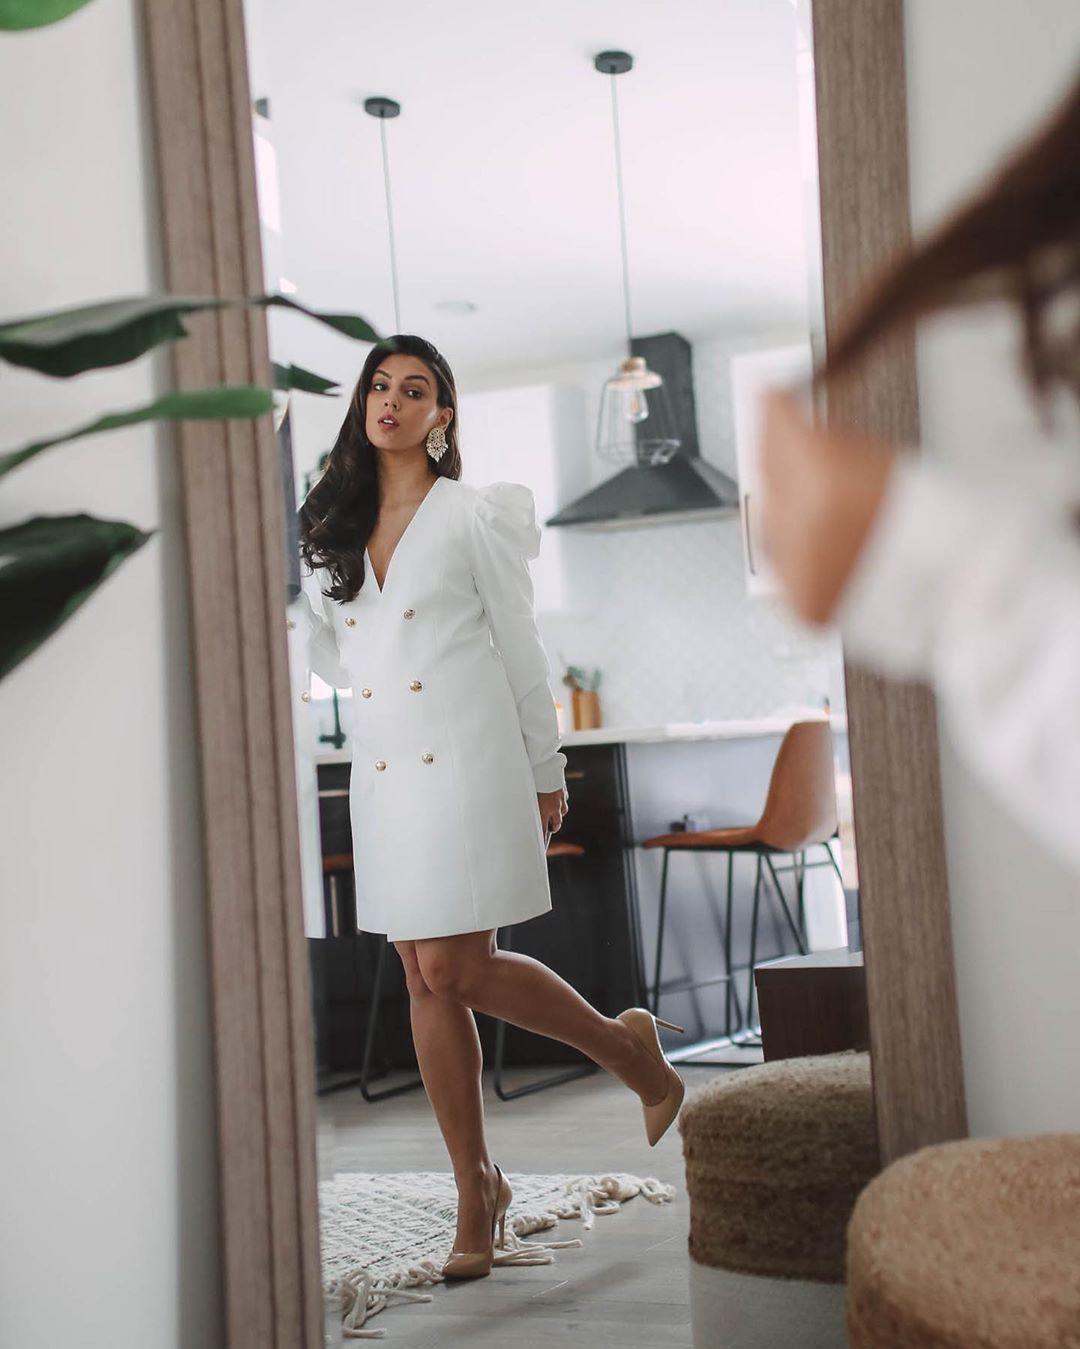 Woman in short dress looking in mirror